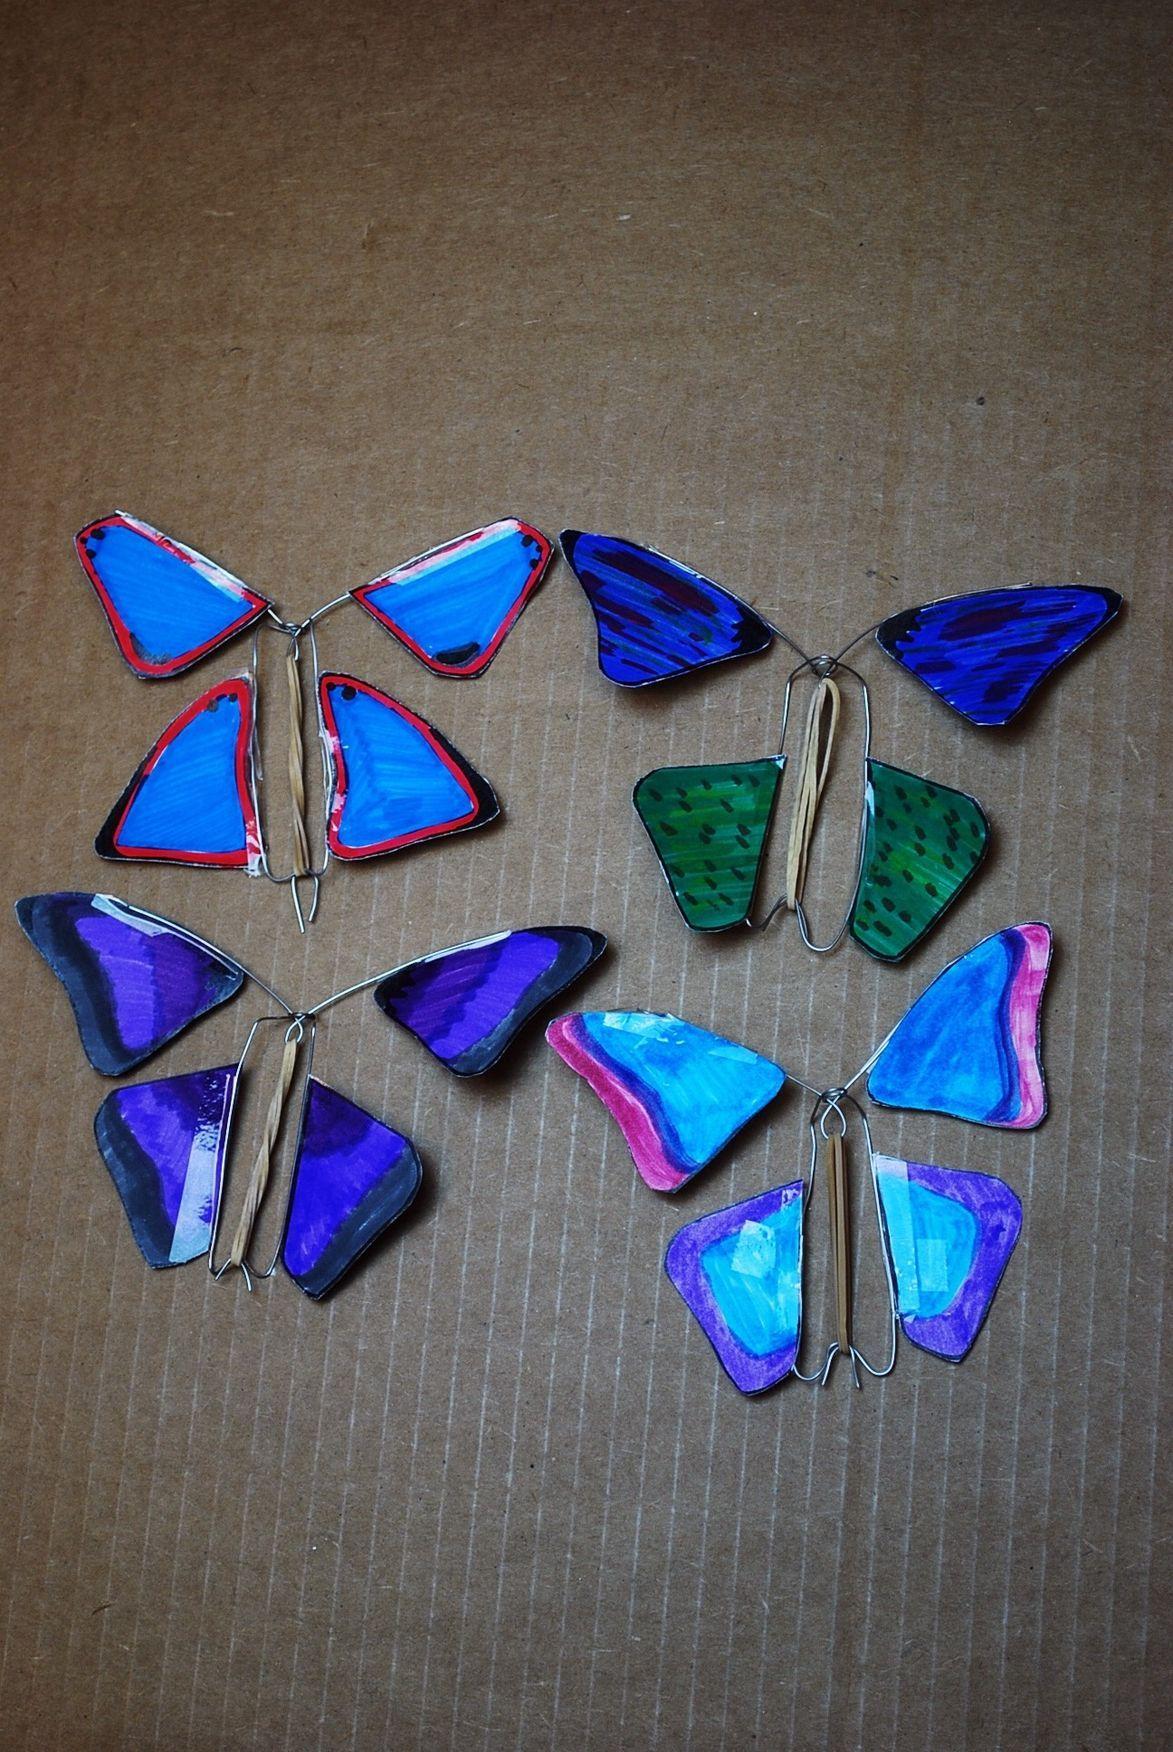 Make A Fluttering Butterfly In 2021 Flying Butterfly Card Butterfly Template Butterfly